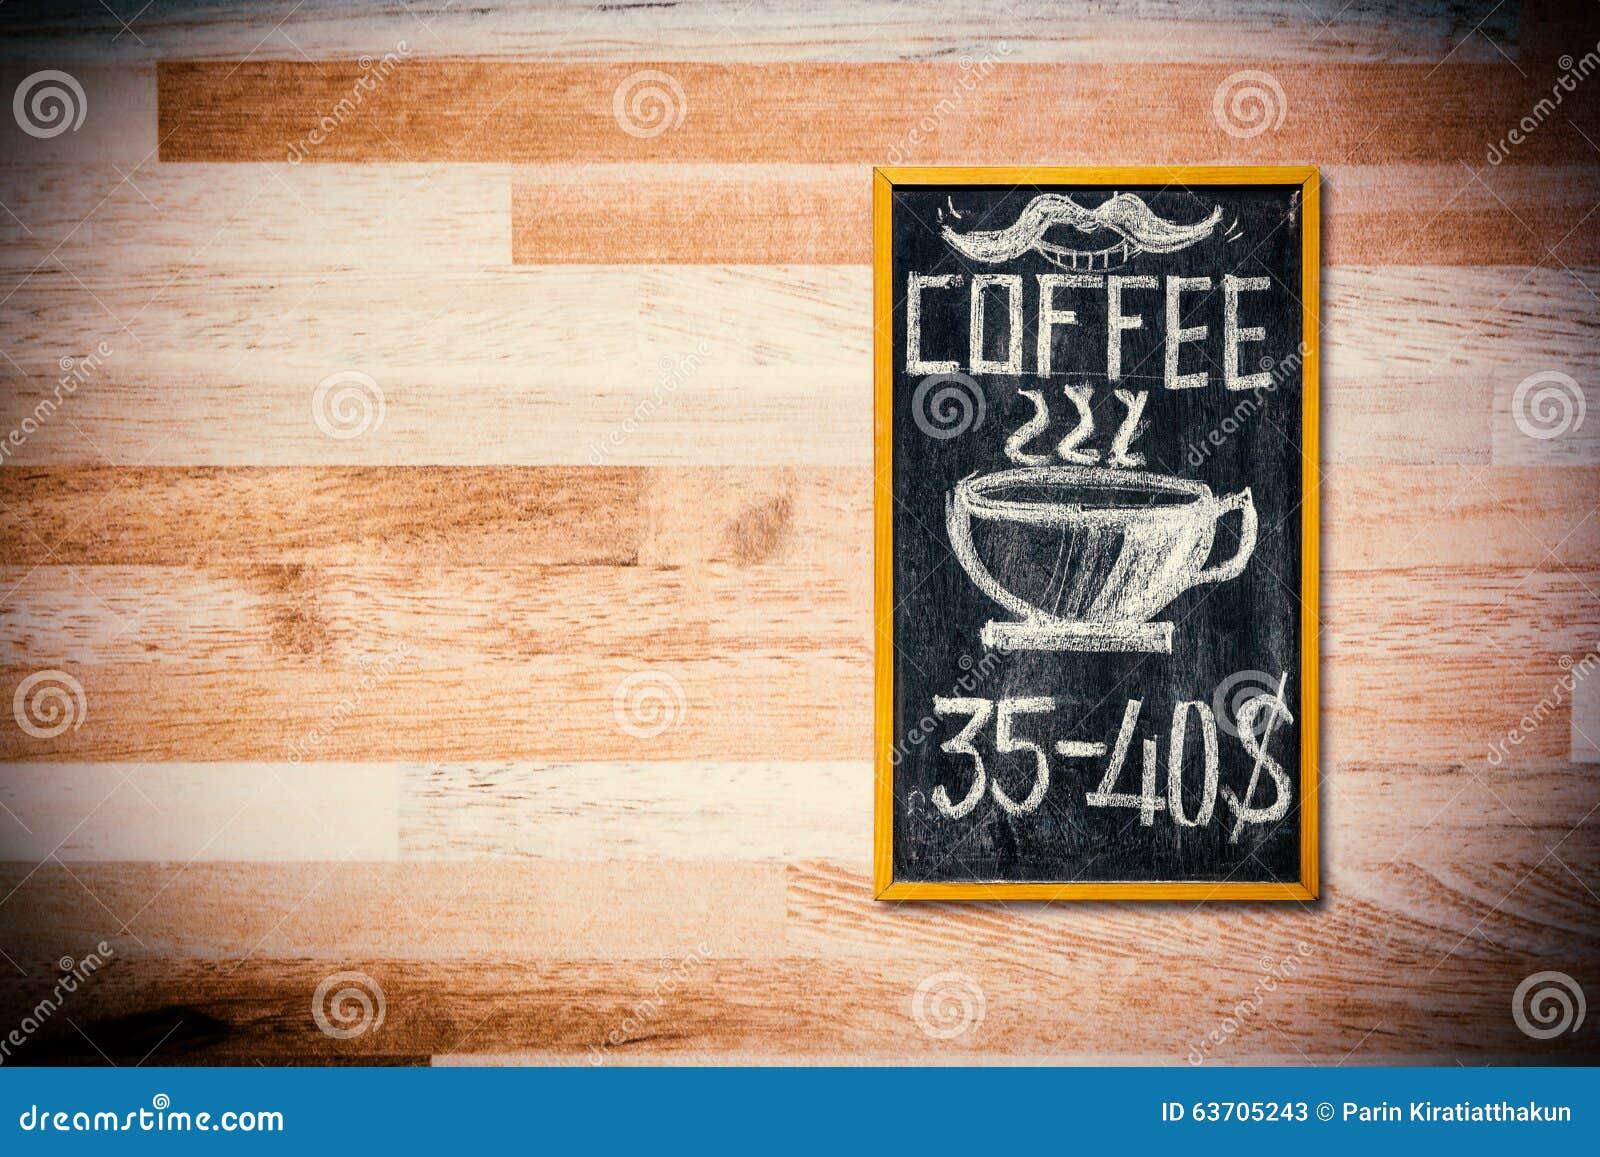 Pareti Di Legno Prezzi : Menu del caffè sulla parete di legno illustrazione di stock